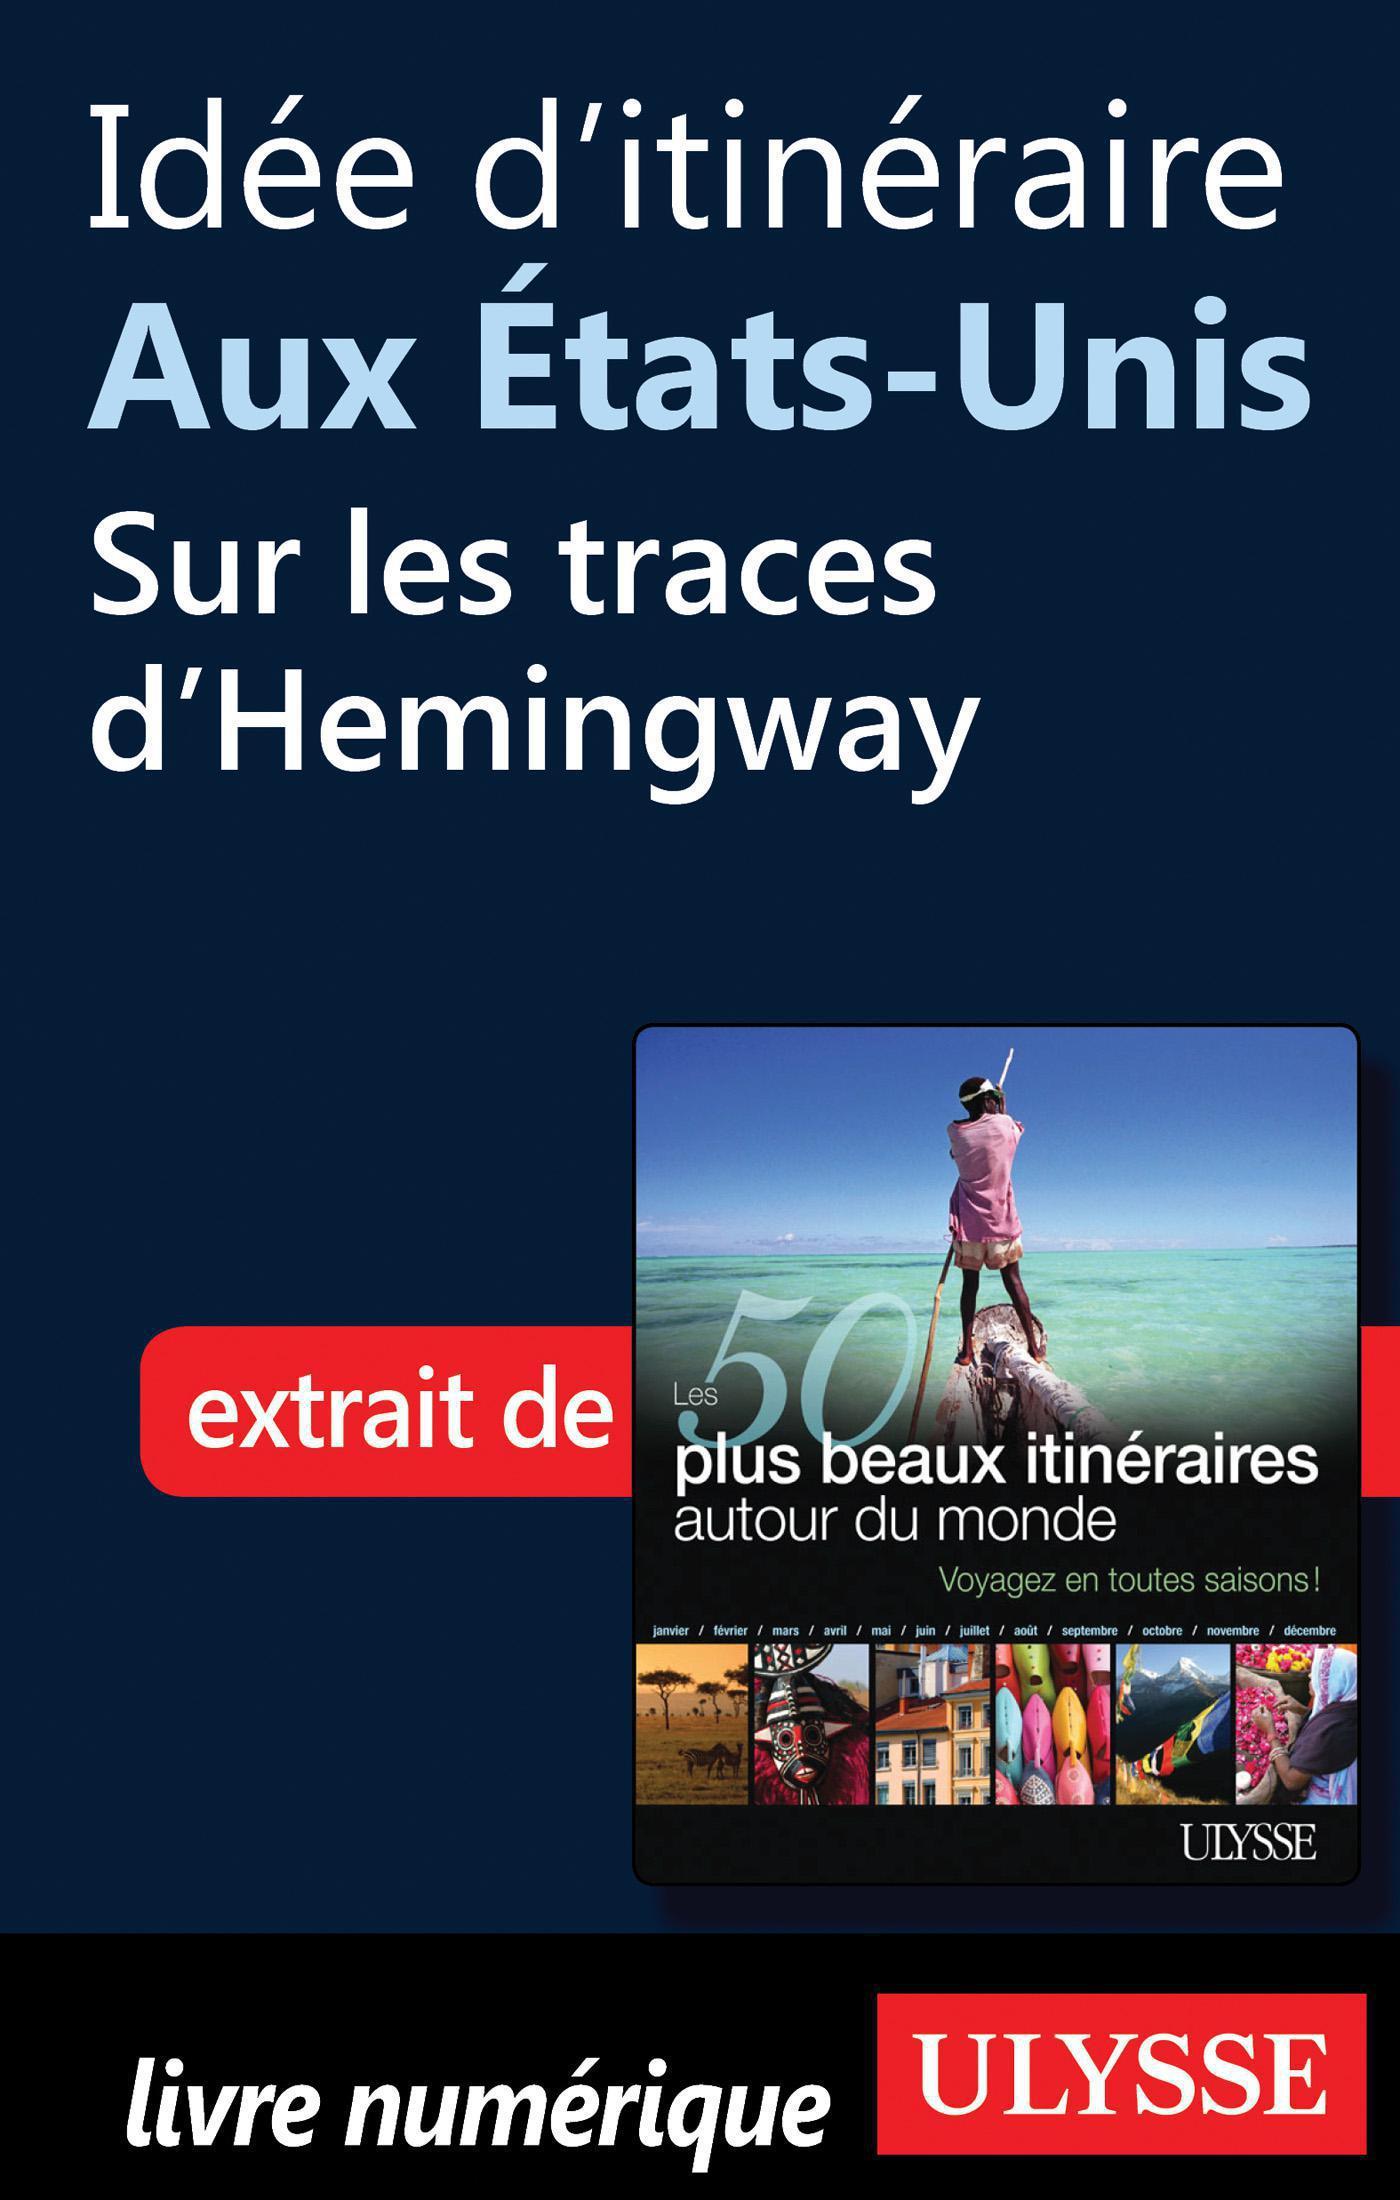 Idée d'itinéraire aux Etats-Unis, sur les traces d'Hemingway